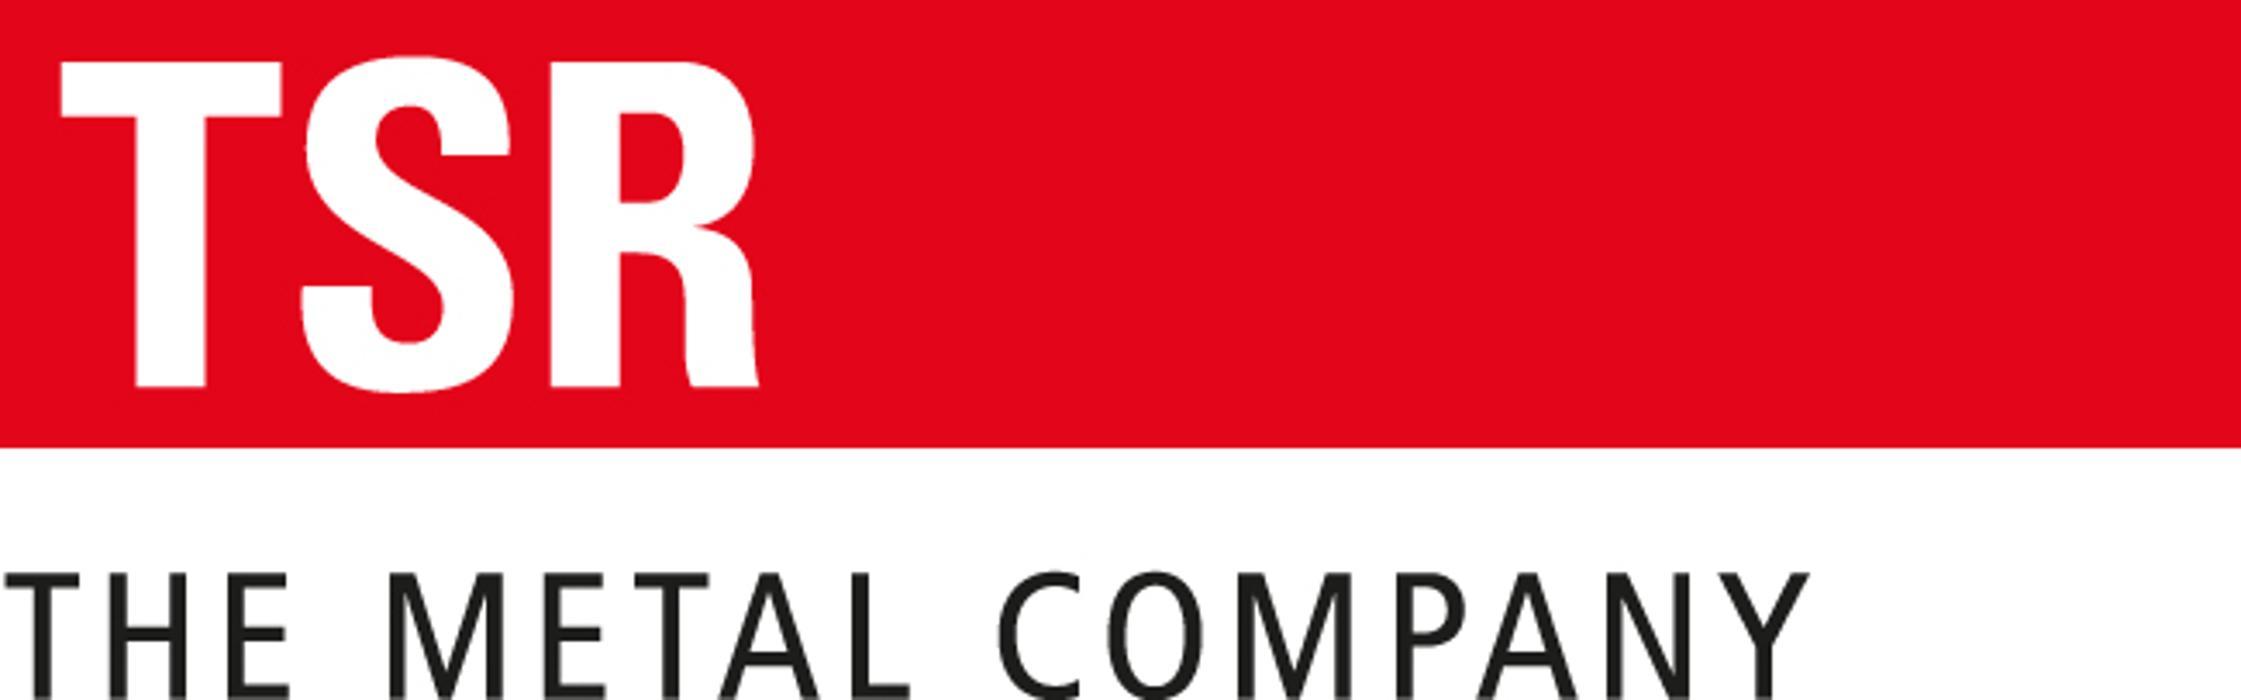 TSR Metals GmbH & Co. KG